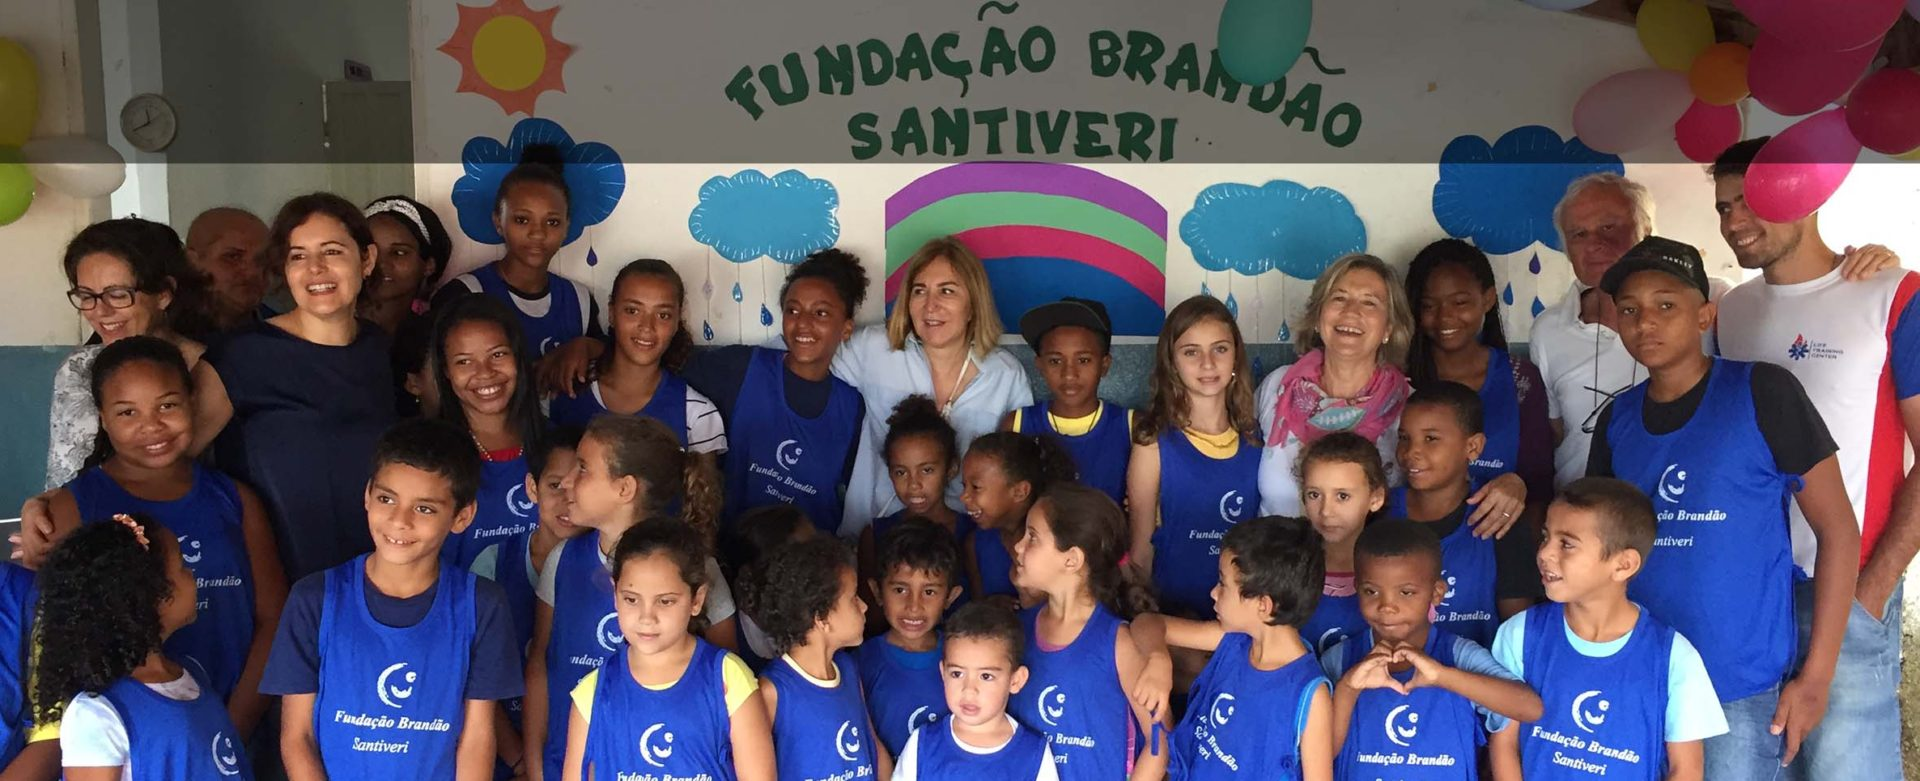 Fundación Brandão-Santiveri